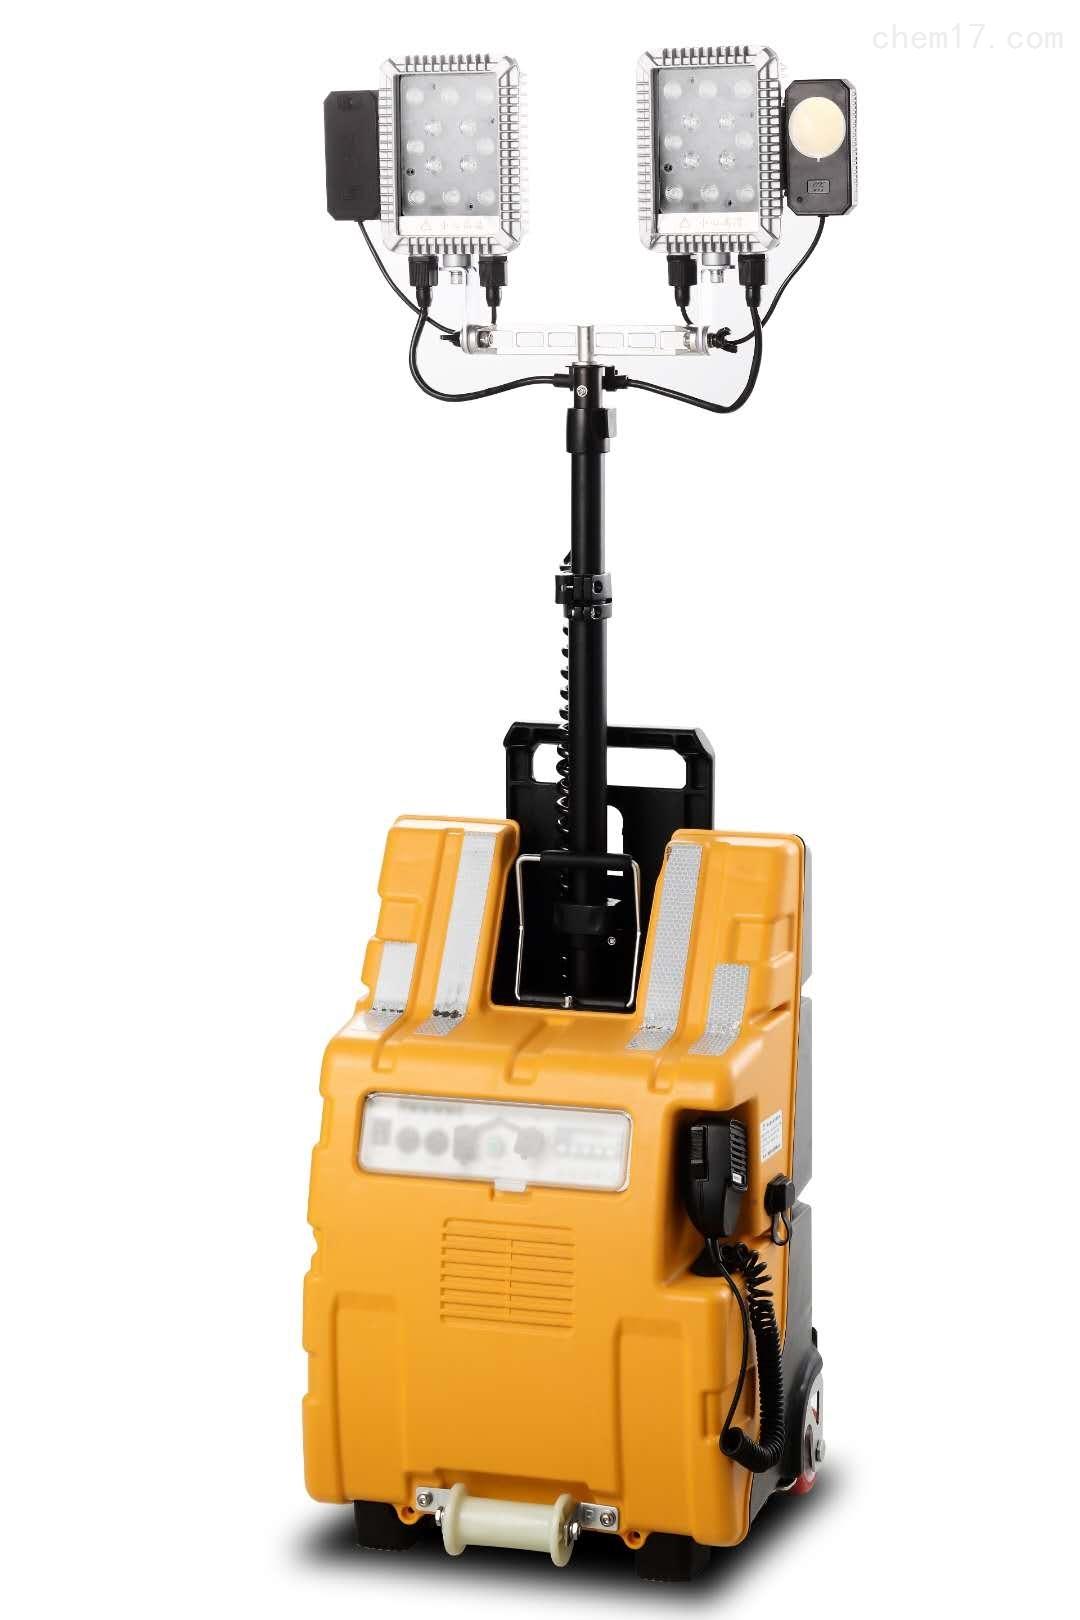 海洋王FW6128多功能移动照明系统